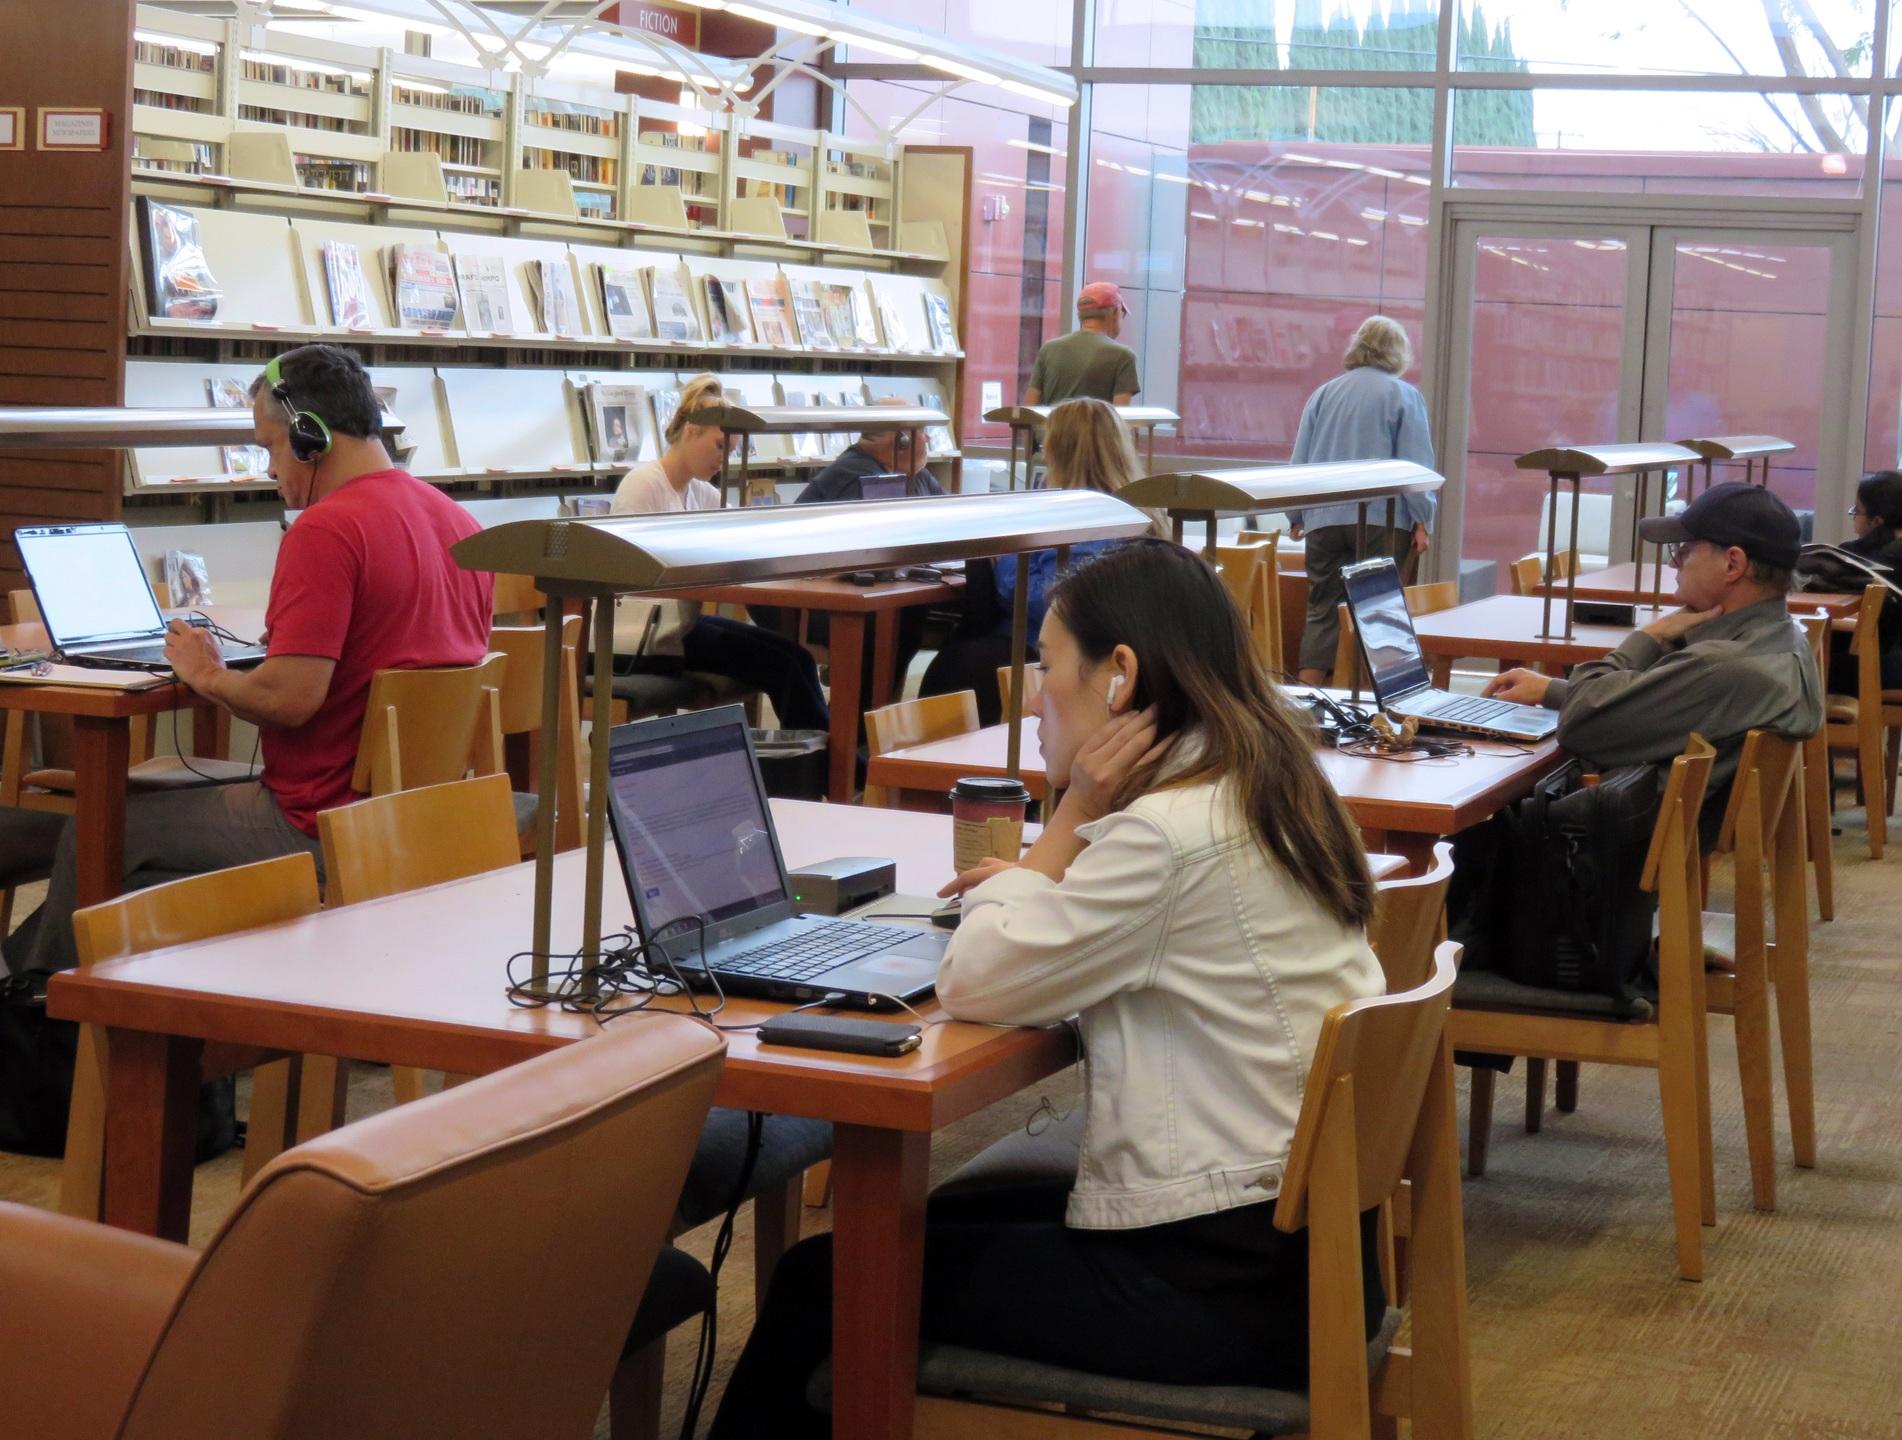 desk-female-sitting-student-bookshelf-education-799419-pxhere.com.jpg